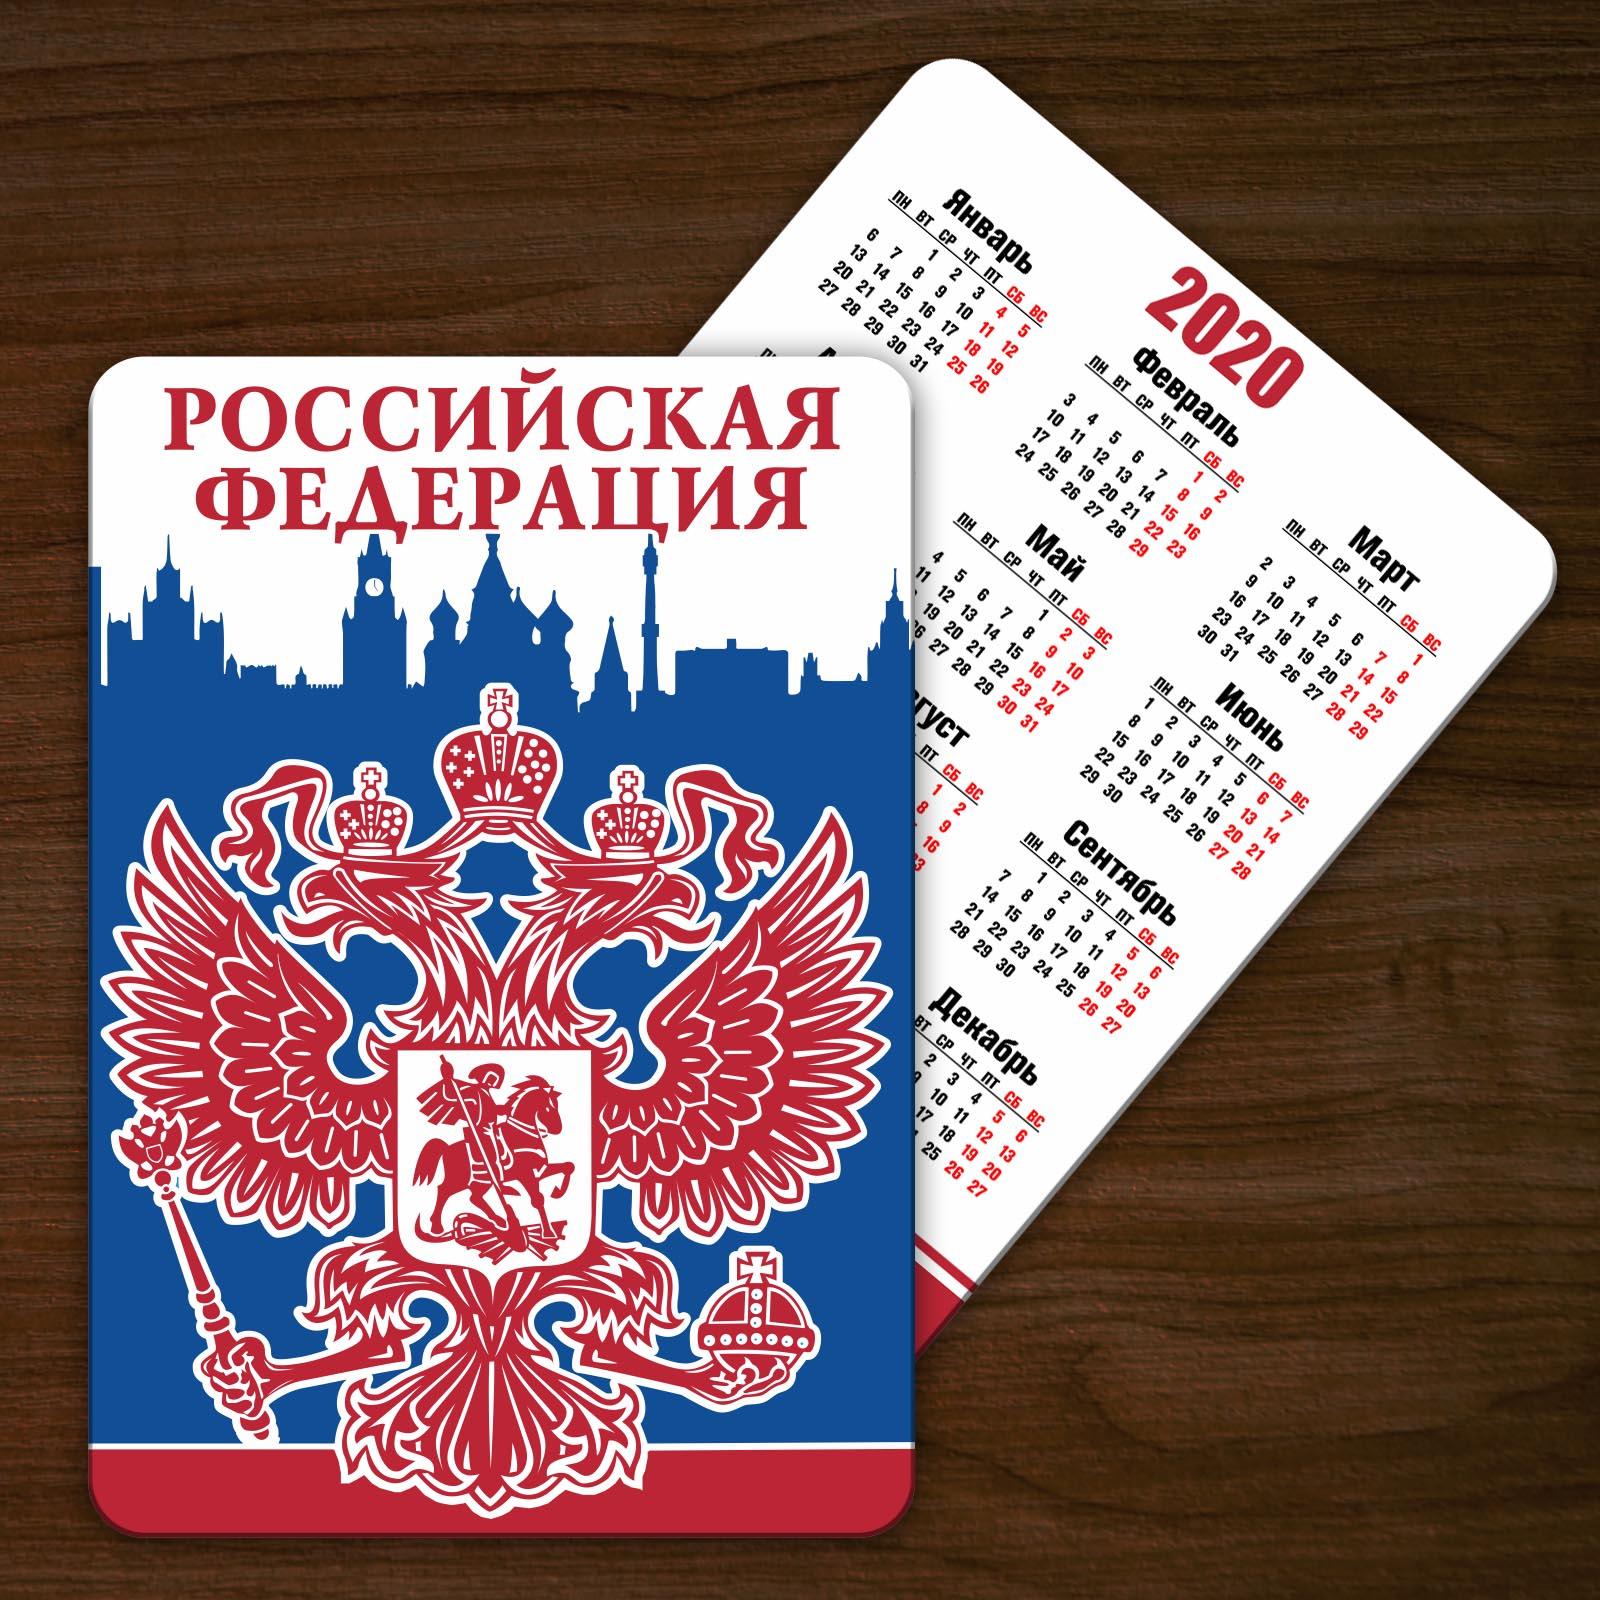 Классический календарик 2020 Российская Федерация